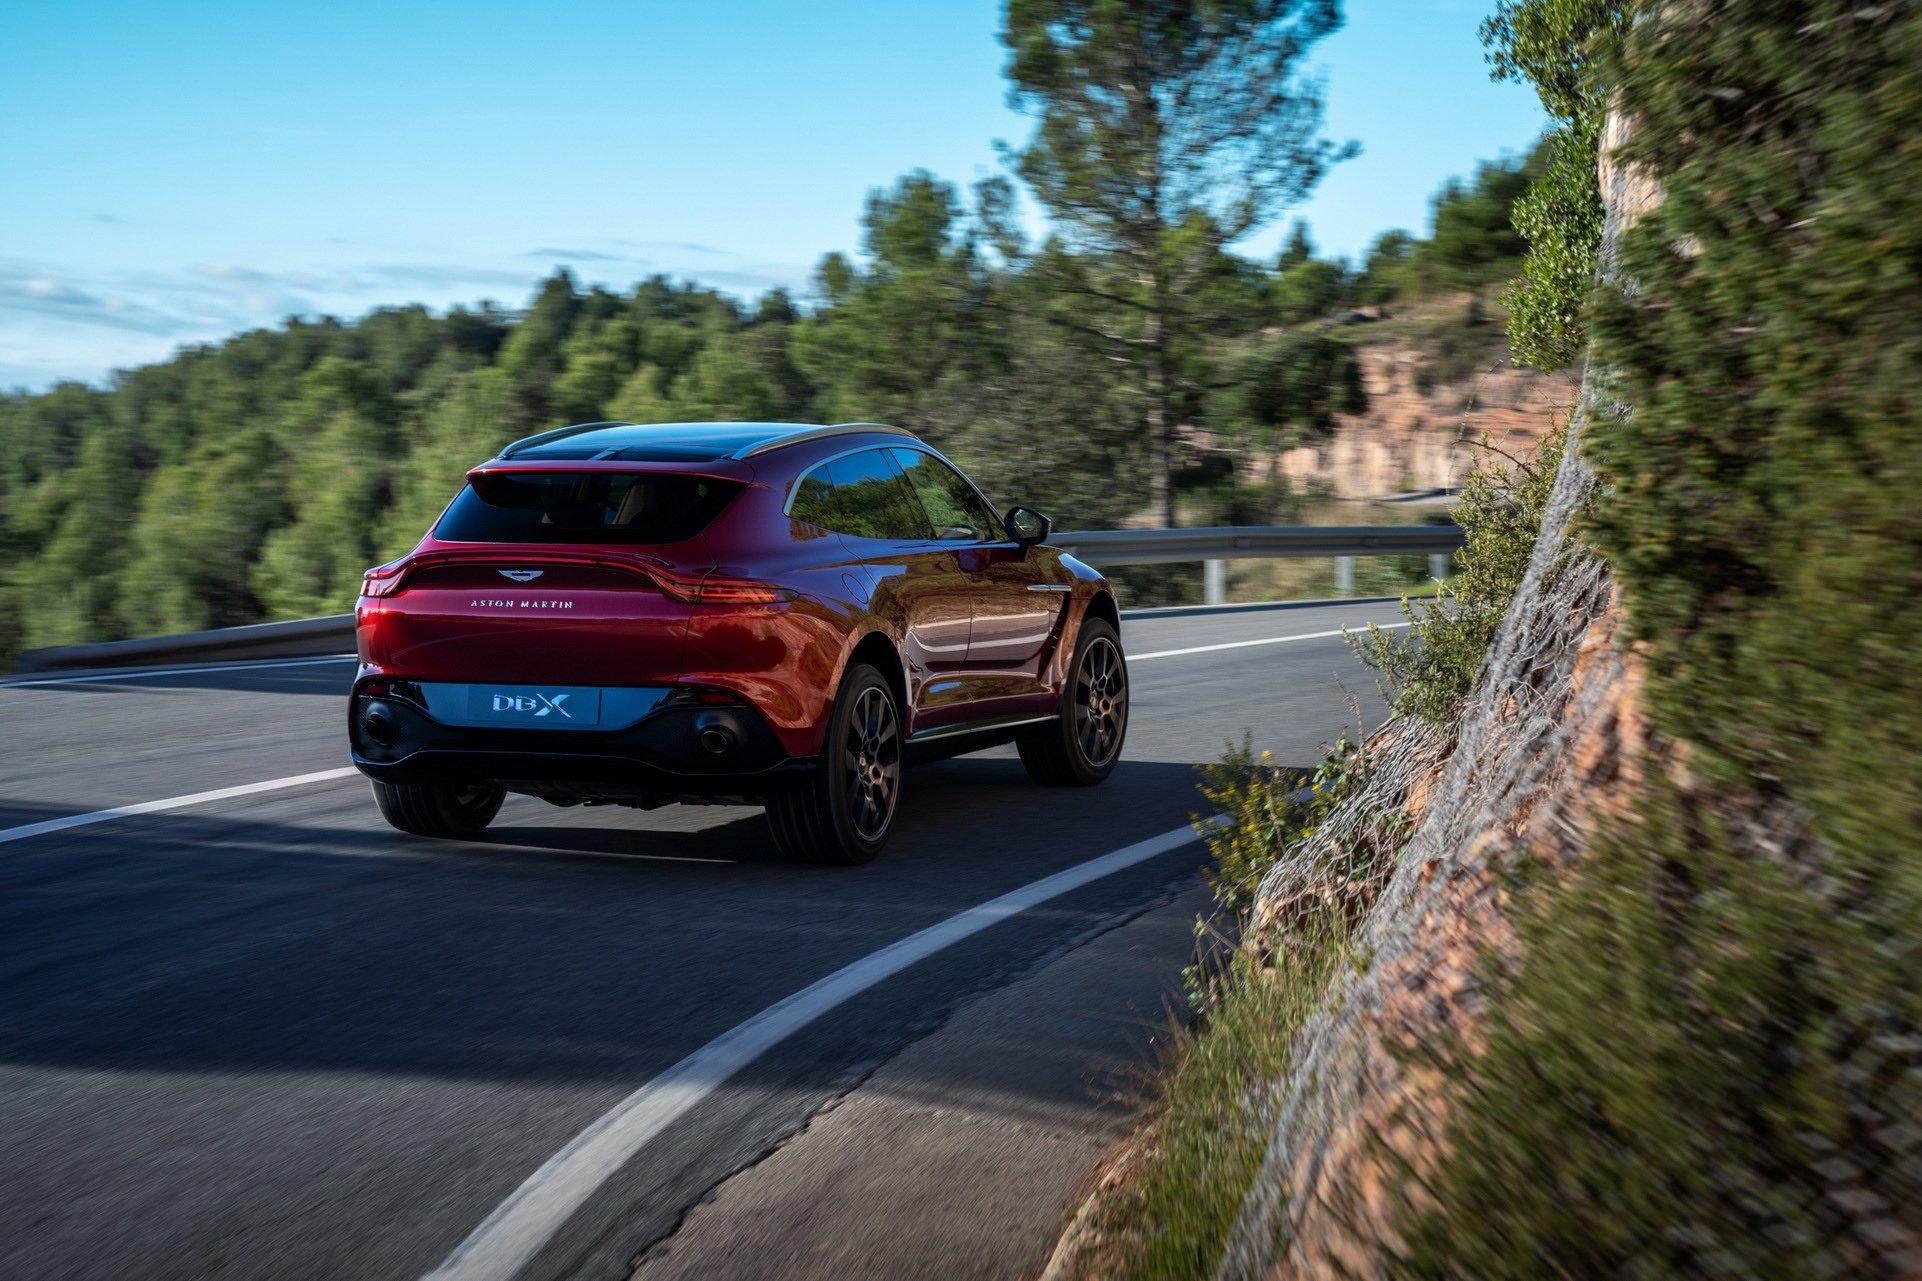 Aston Martin DBX - SUV siêu sang đầu tiên dành cho các đại gia - 22